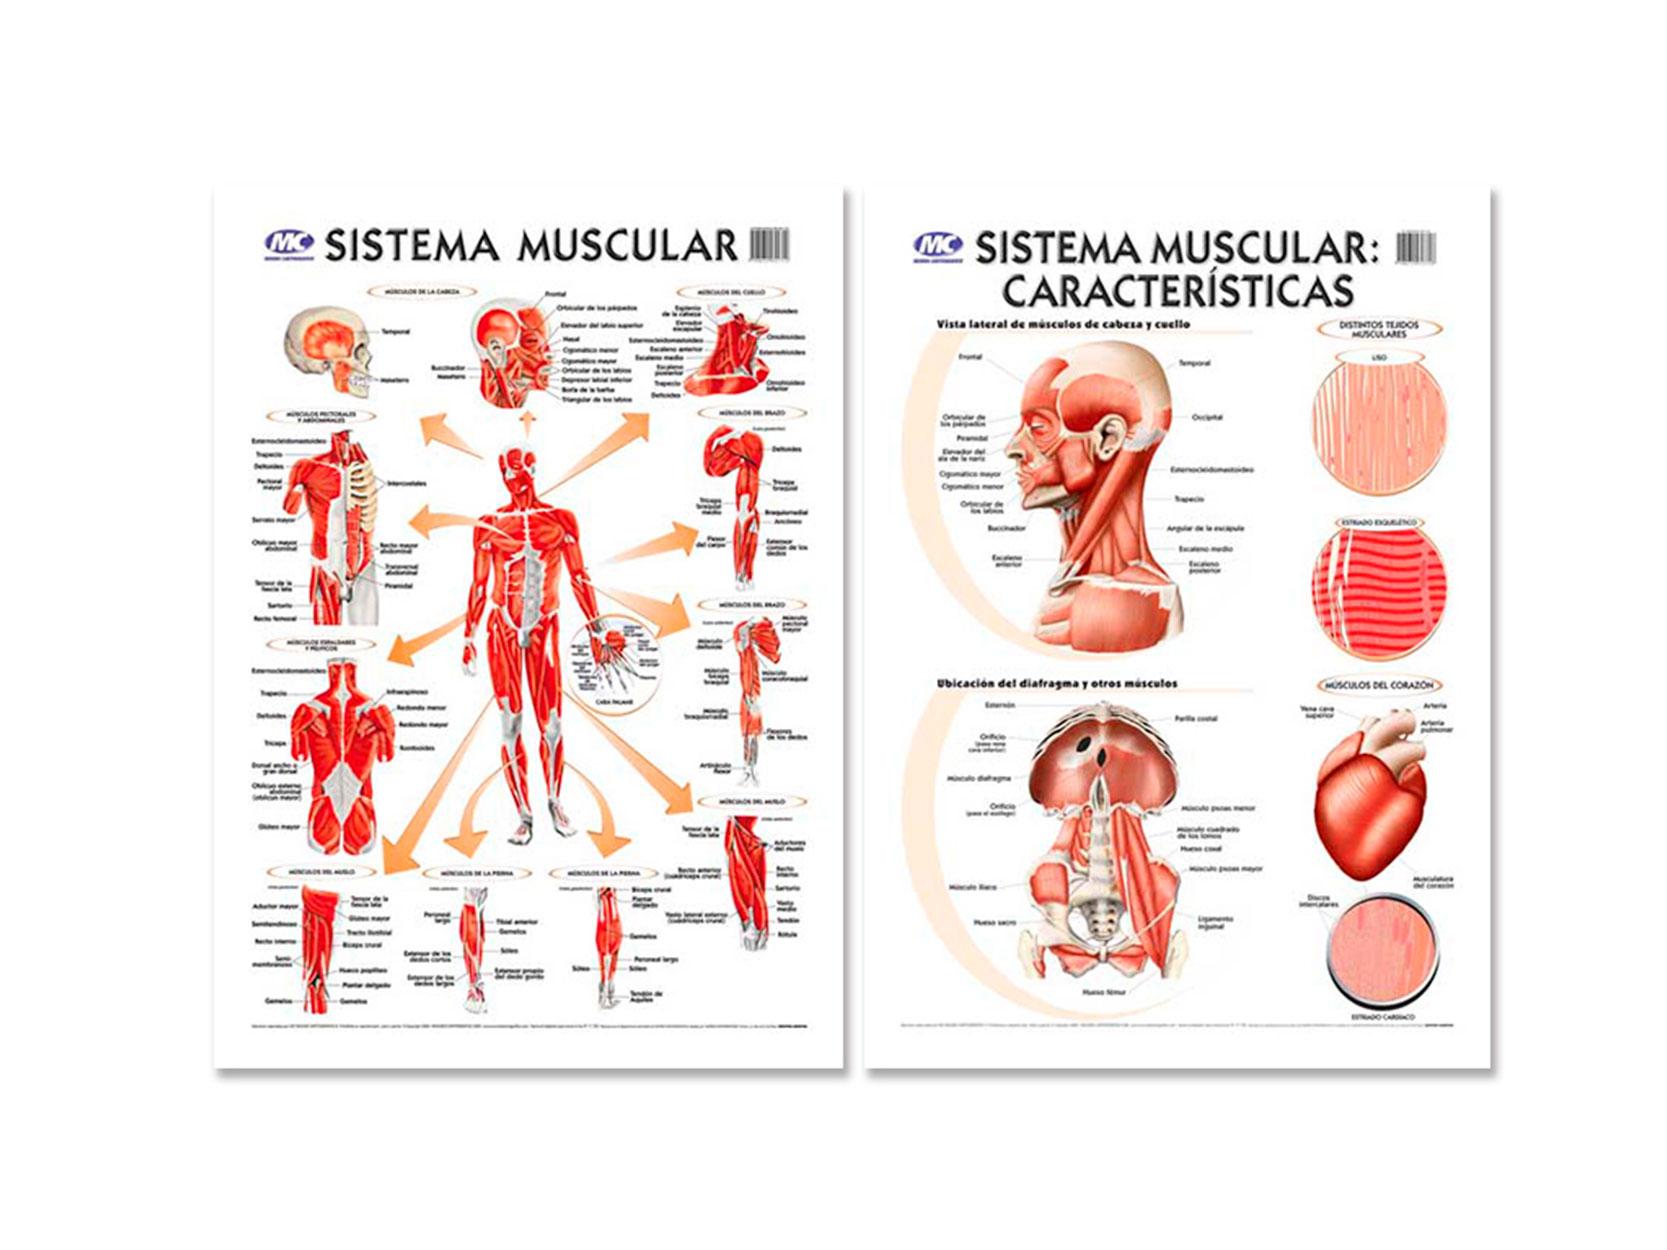 LAMINA MURAL D/C SISTEMA MUSCULAR | Librería San Jerónimo